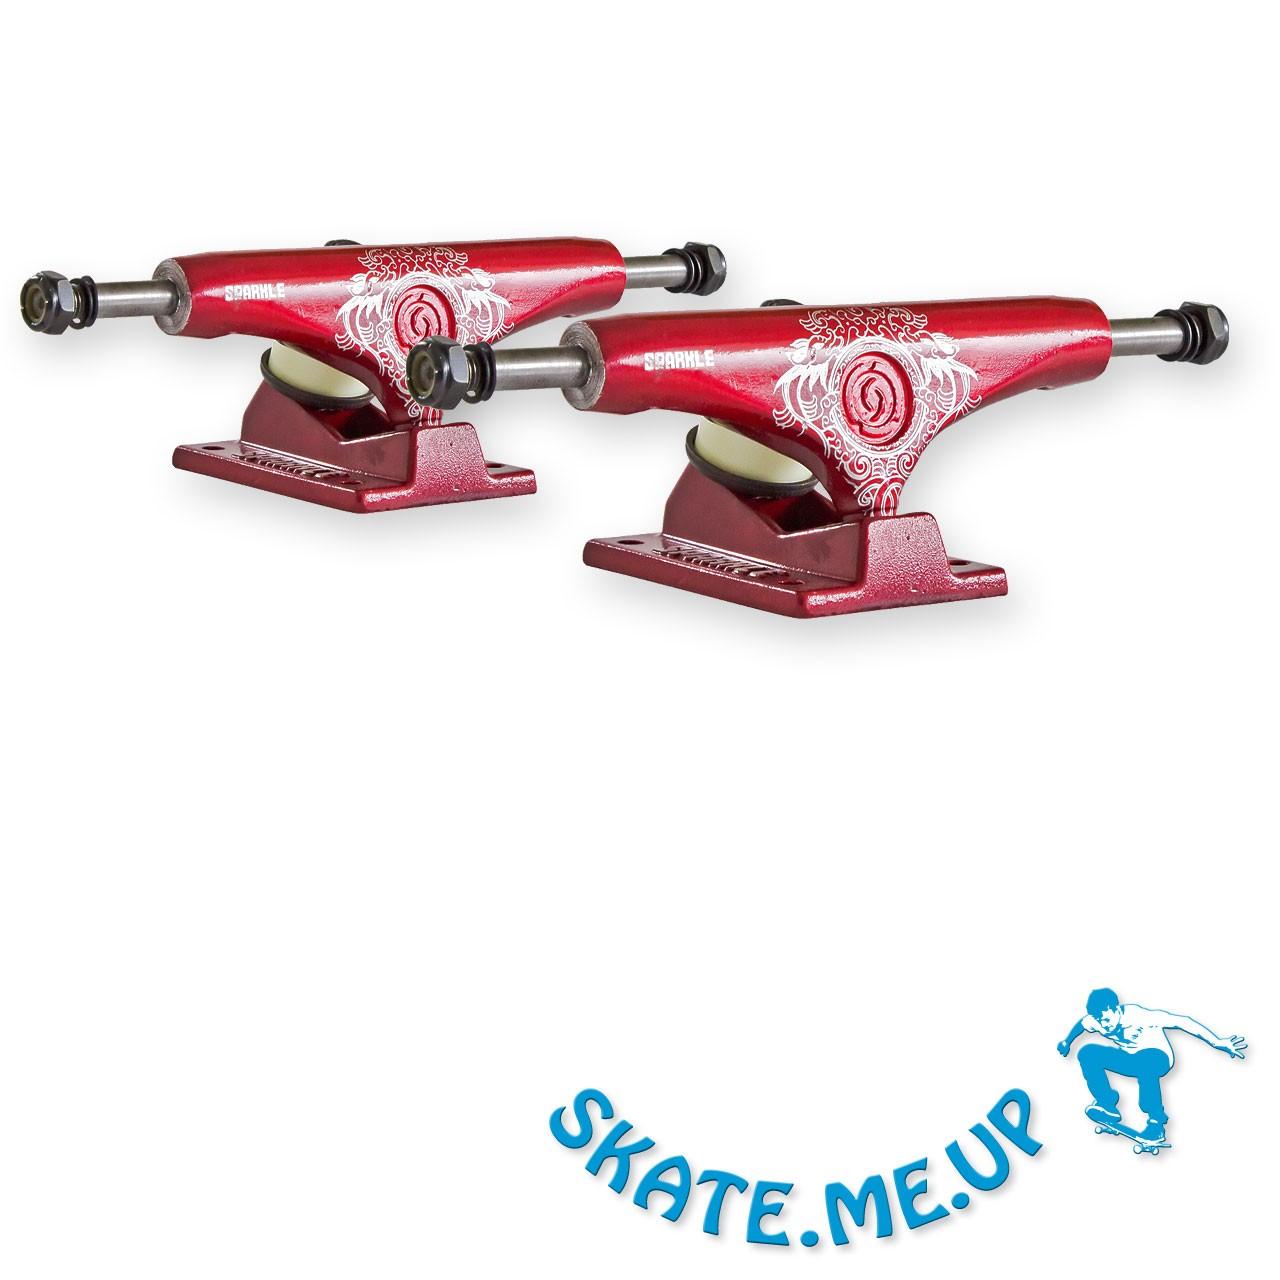 Sparkle-Superlite Red Dragon 5,0 Low Skateboard Achsen - Trucks (1 Paar)